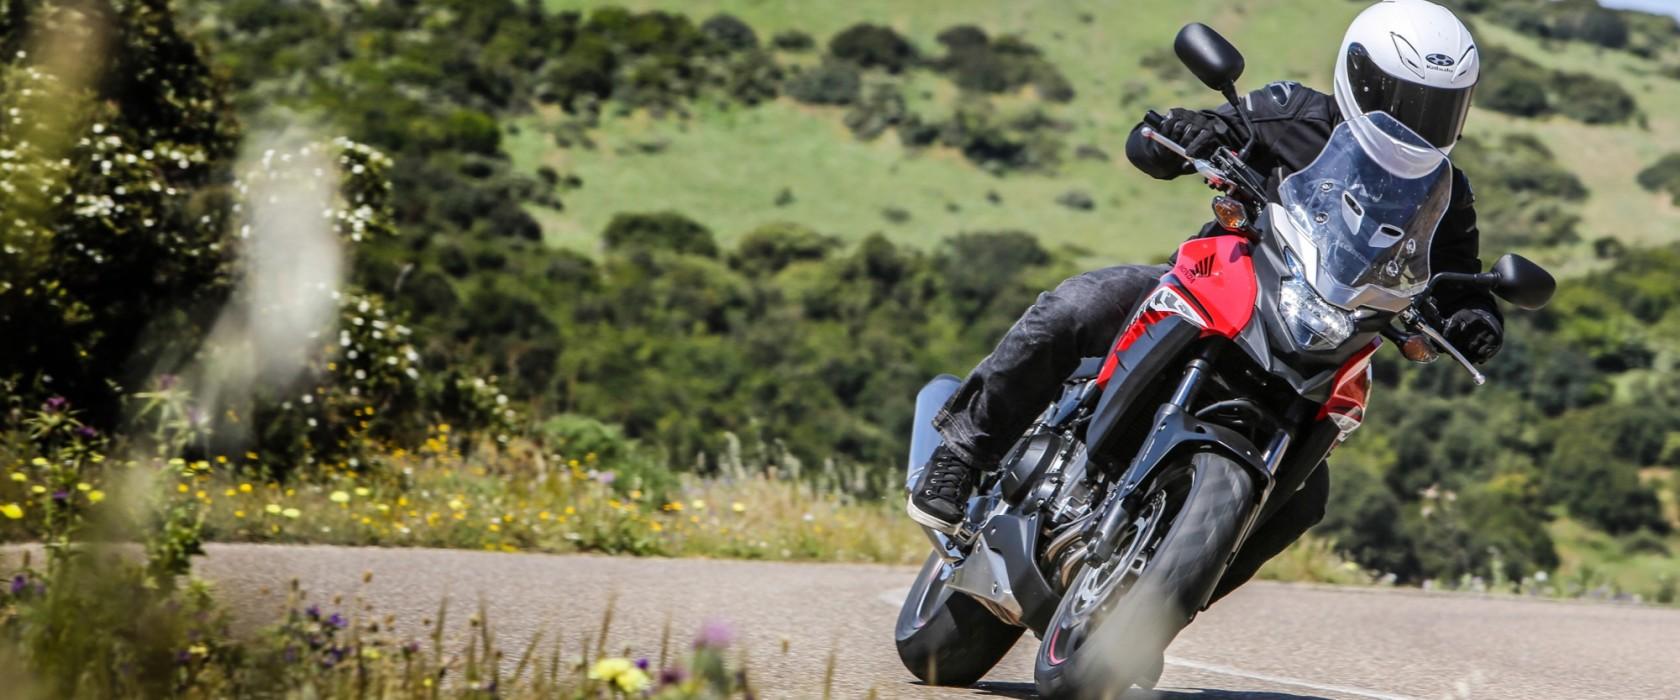 Honda CB500X_1 - 19